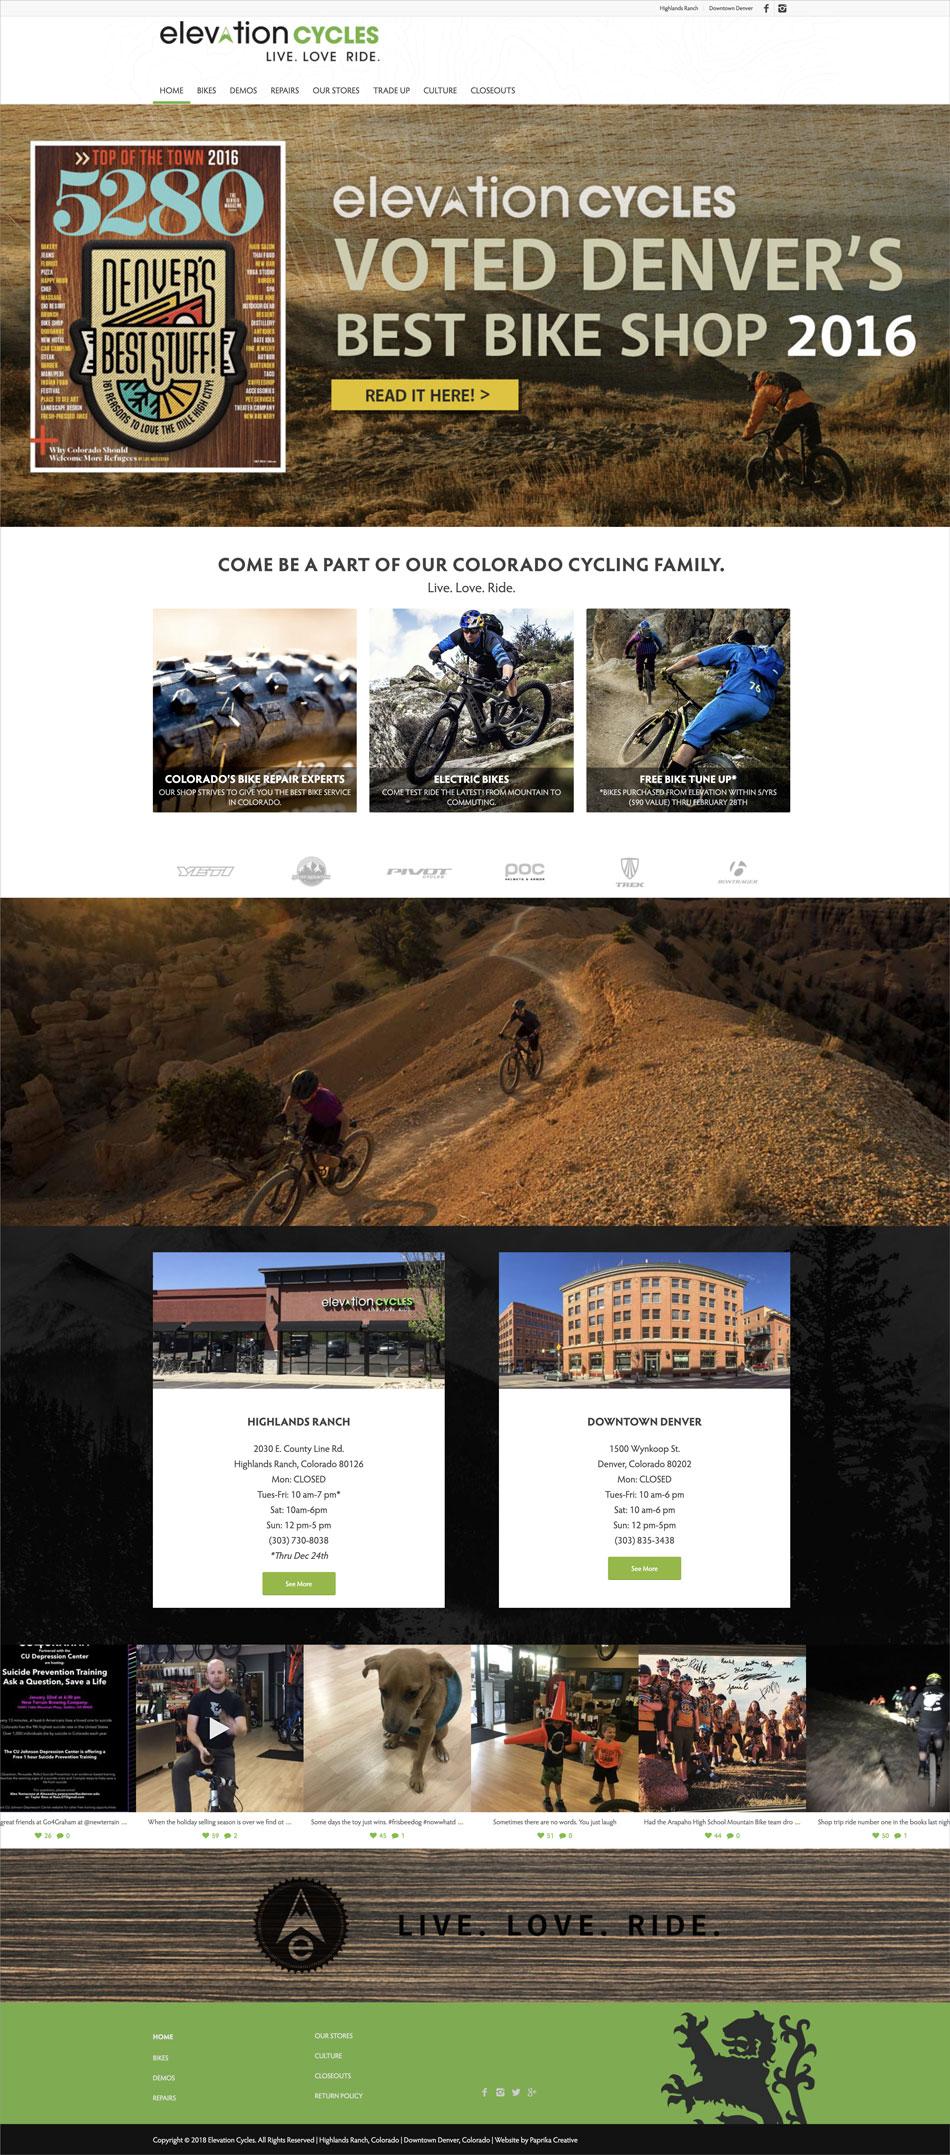 elevationcycles.com website v2